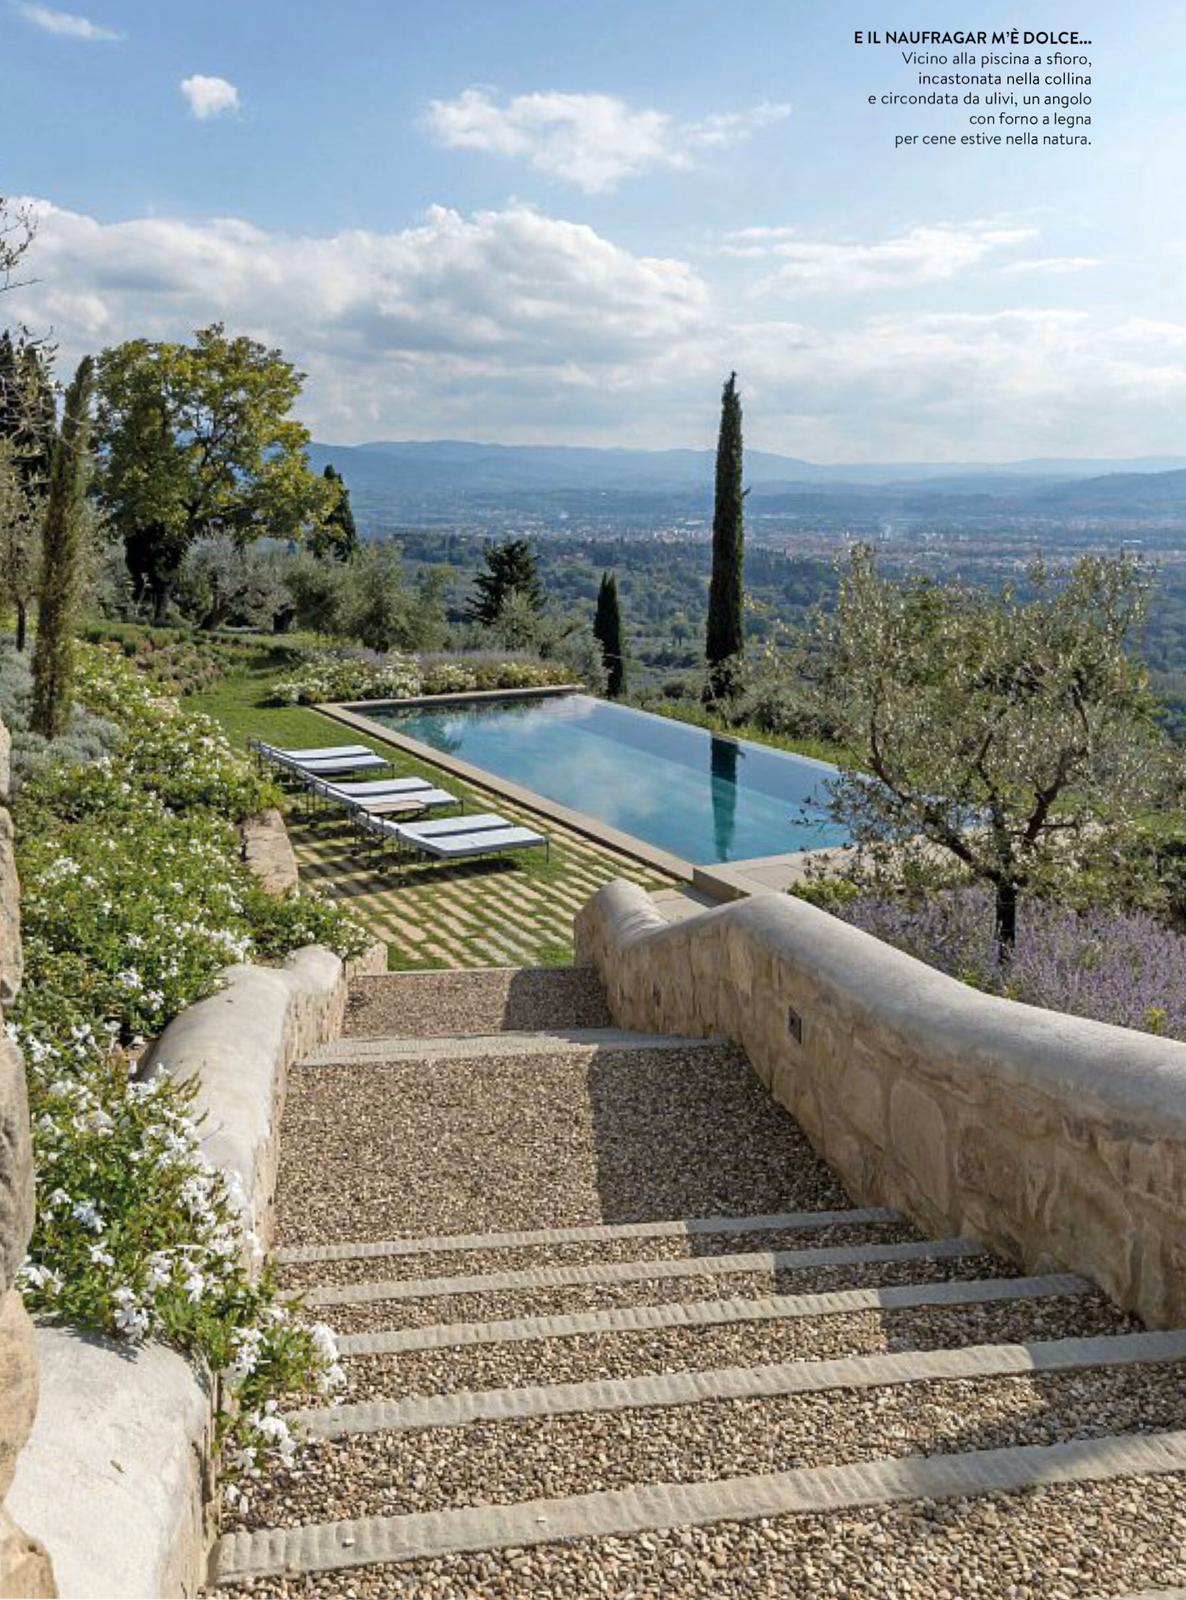 La piscina si affaccia su un panorama mozzafiato di Firenze.